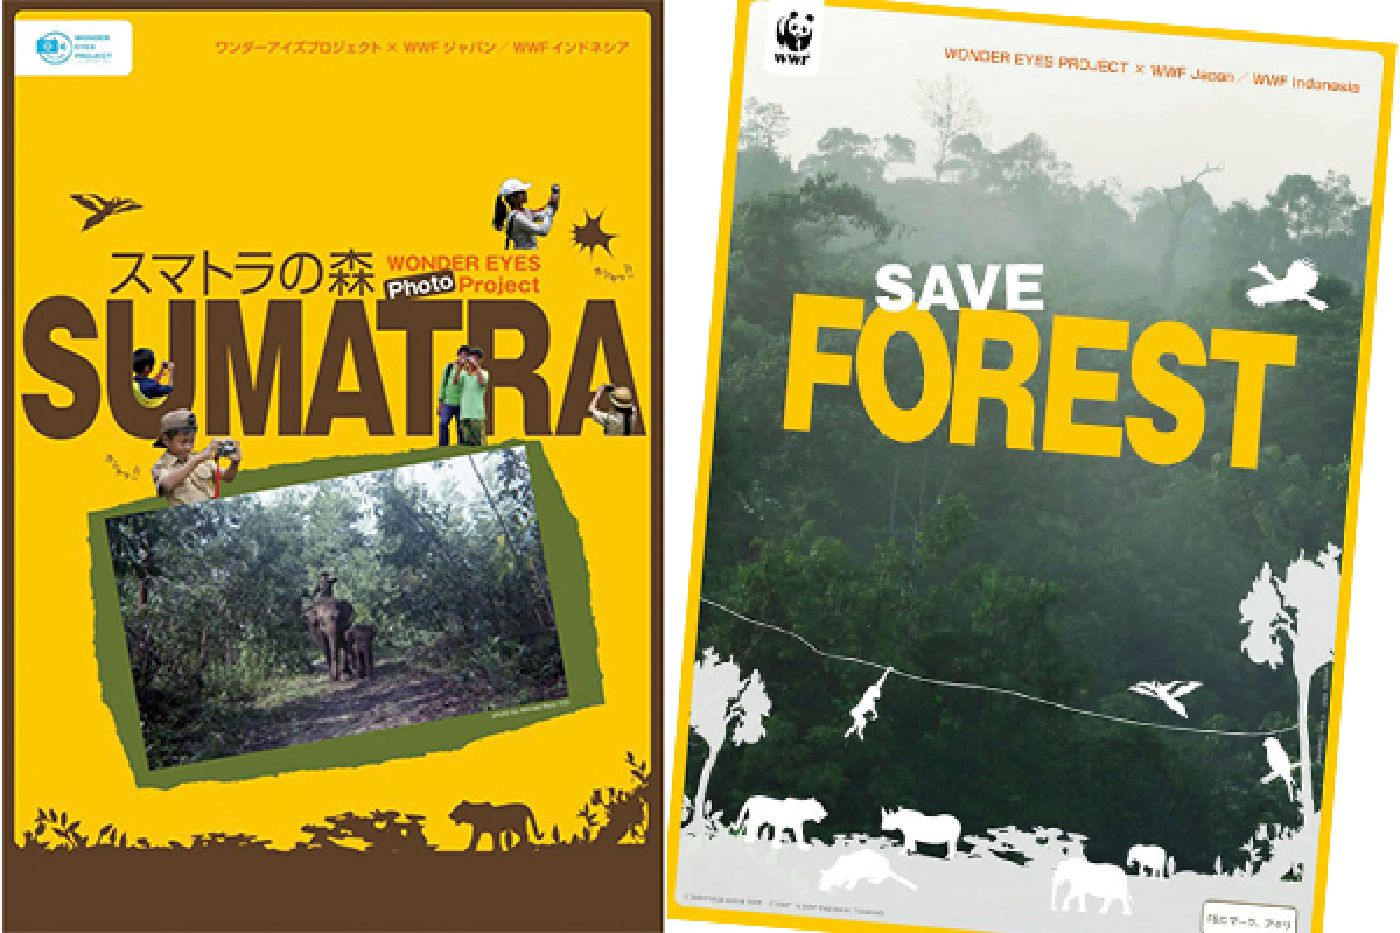 WWF x Wonder Eyes Photo project pamphlet of Sumatra Forest